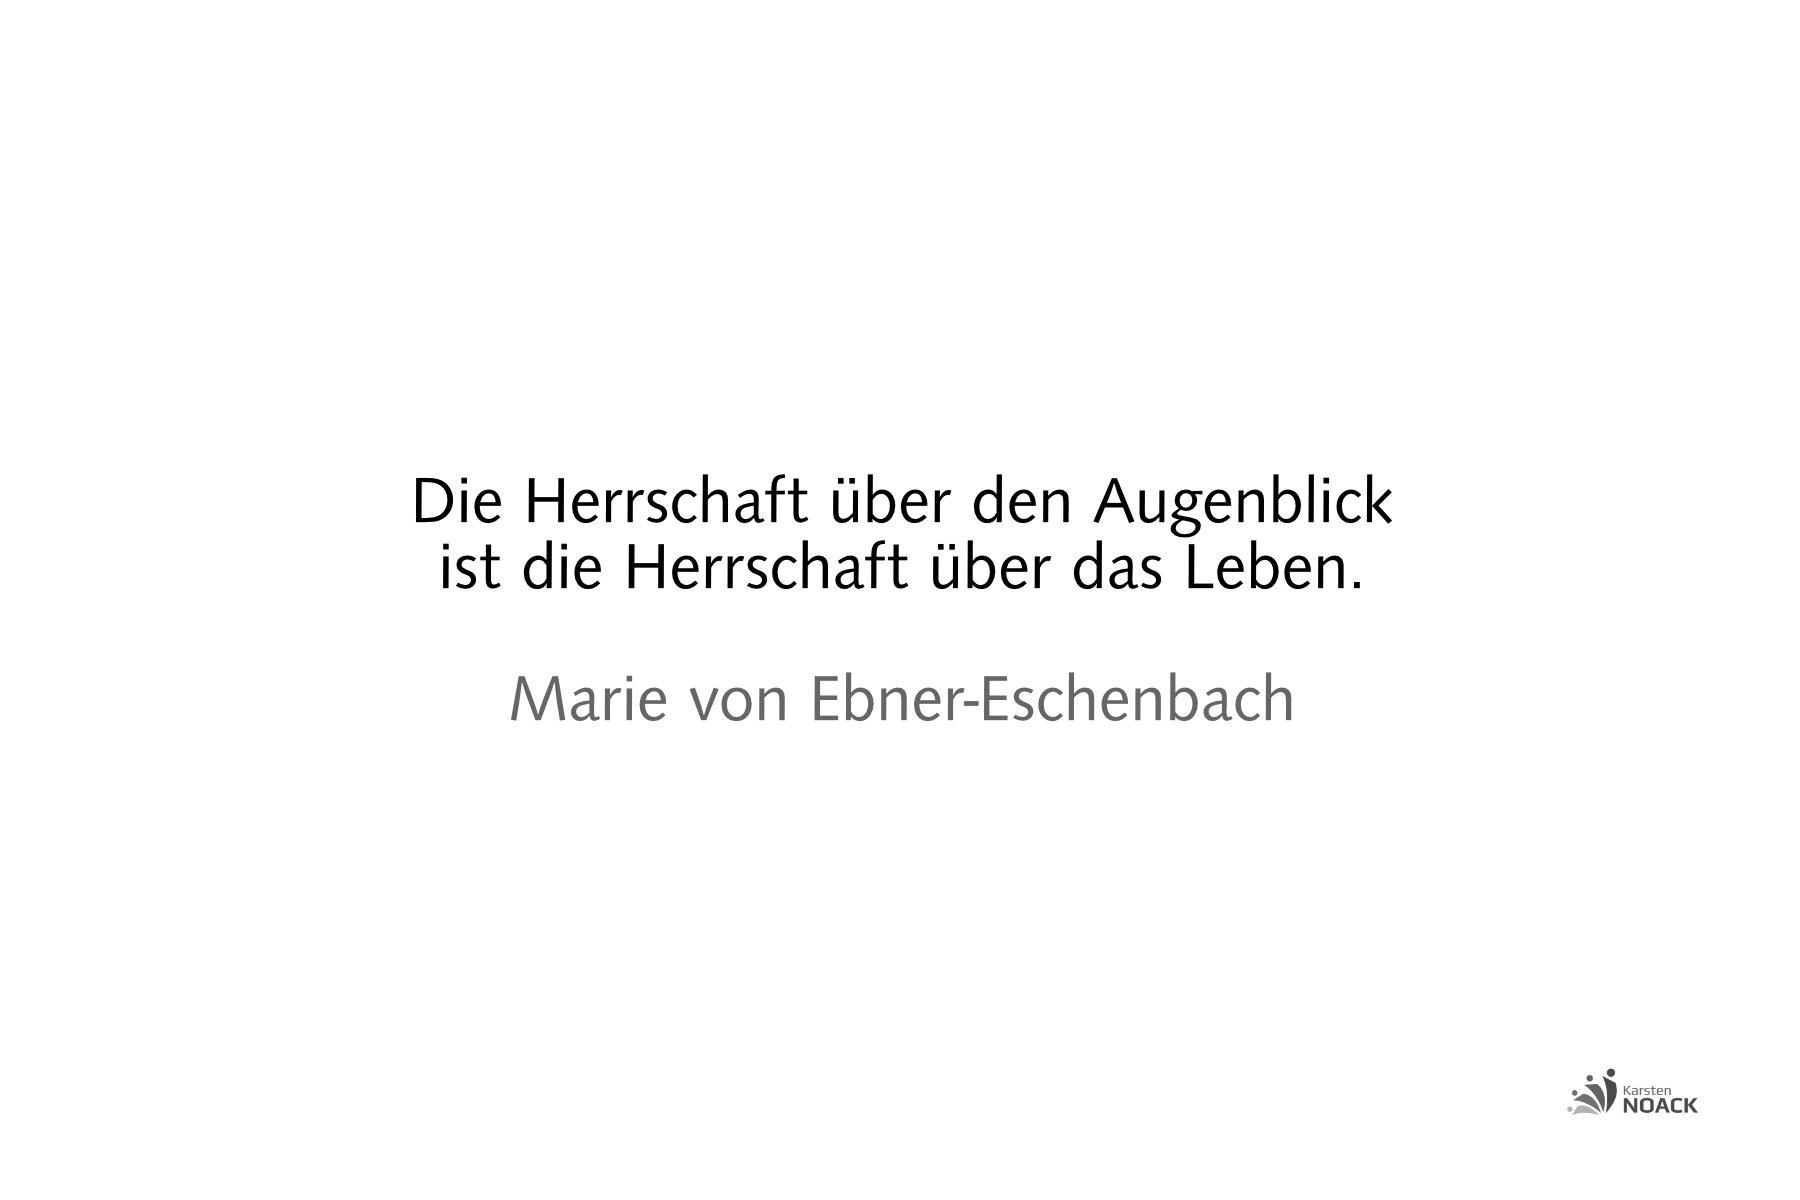 Die Herrschaft über den Augenblick ist die Herrschaft über das Leben. Marie von Ebner-Eschenbach